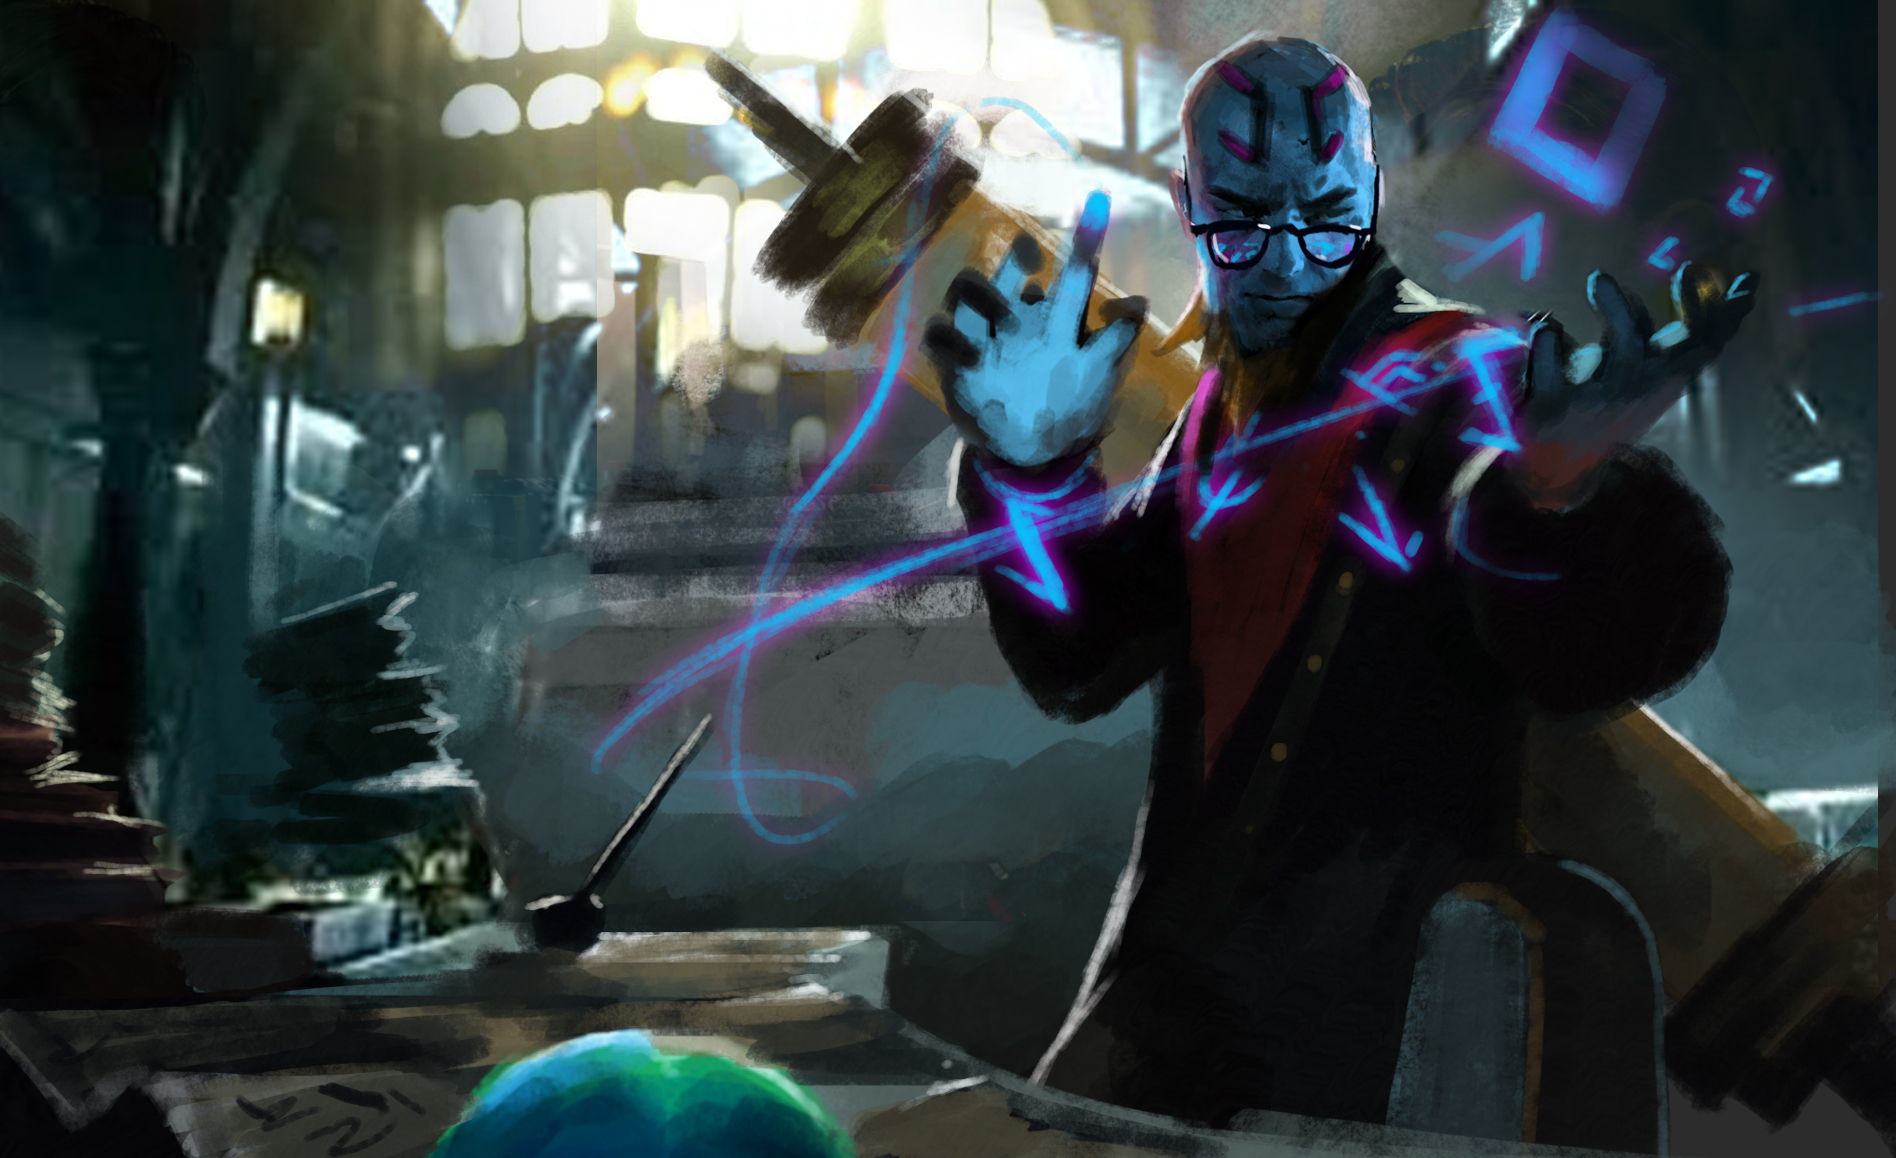 xi zhang - professor ryze splash art